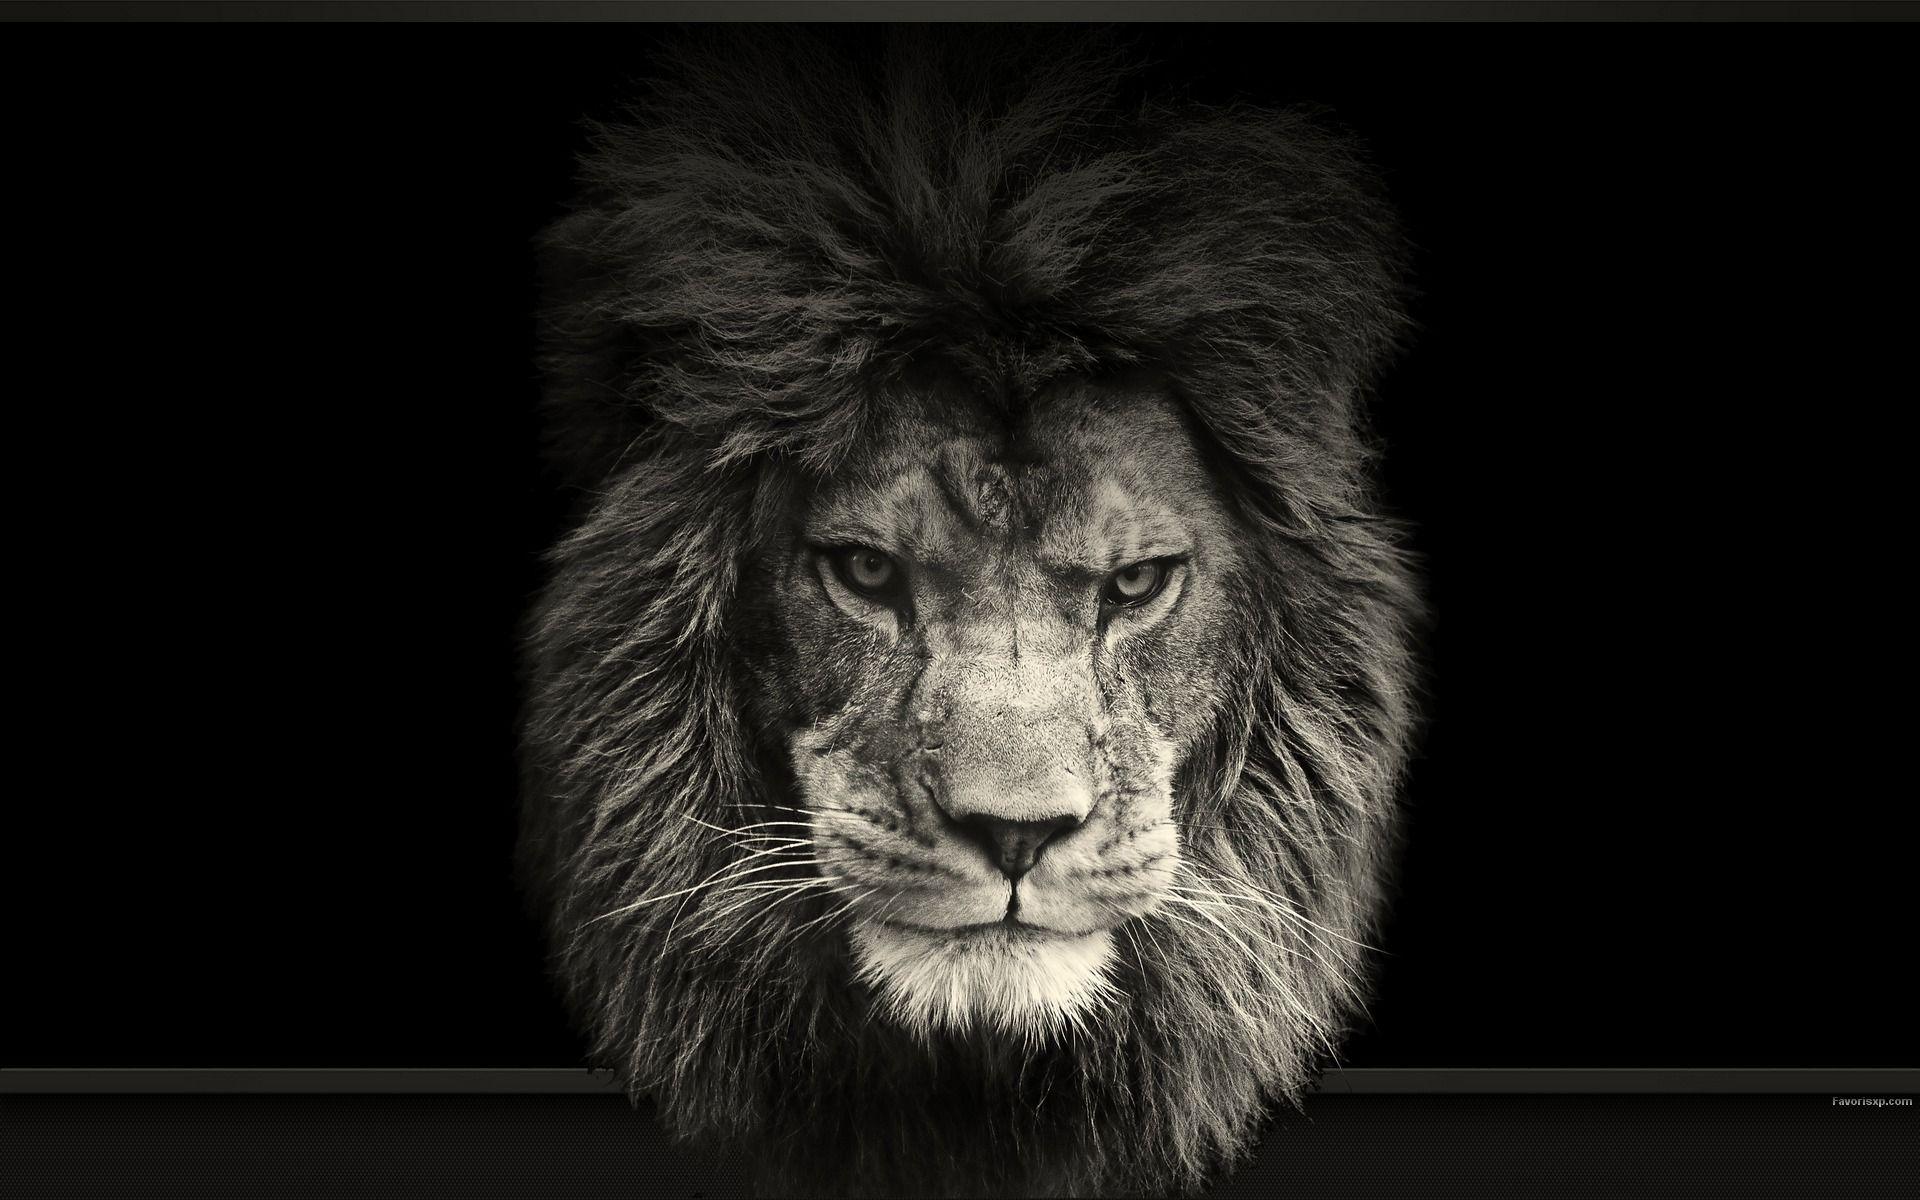 Epingle Par Caro Cocci Sur Noir Intense Noir Colore Animaux Noir Et Blanc Lion Noir